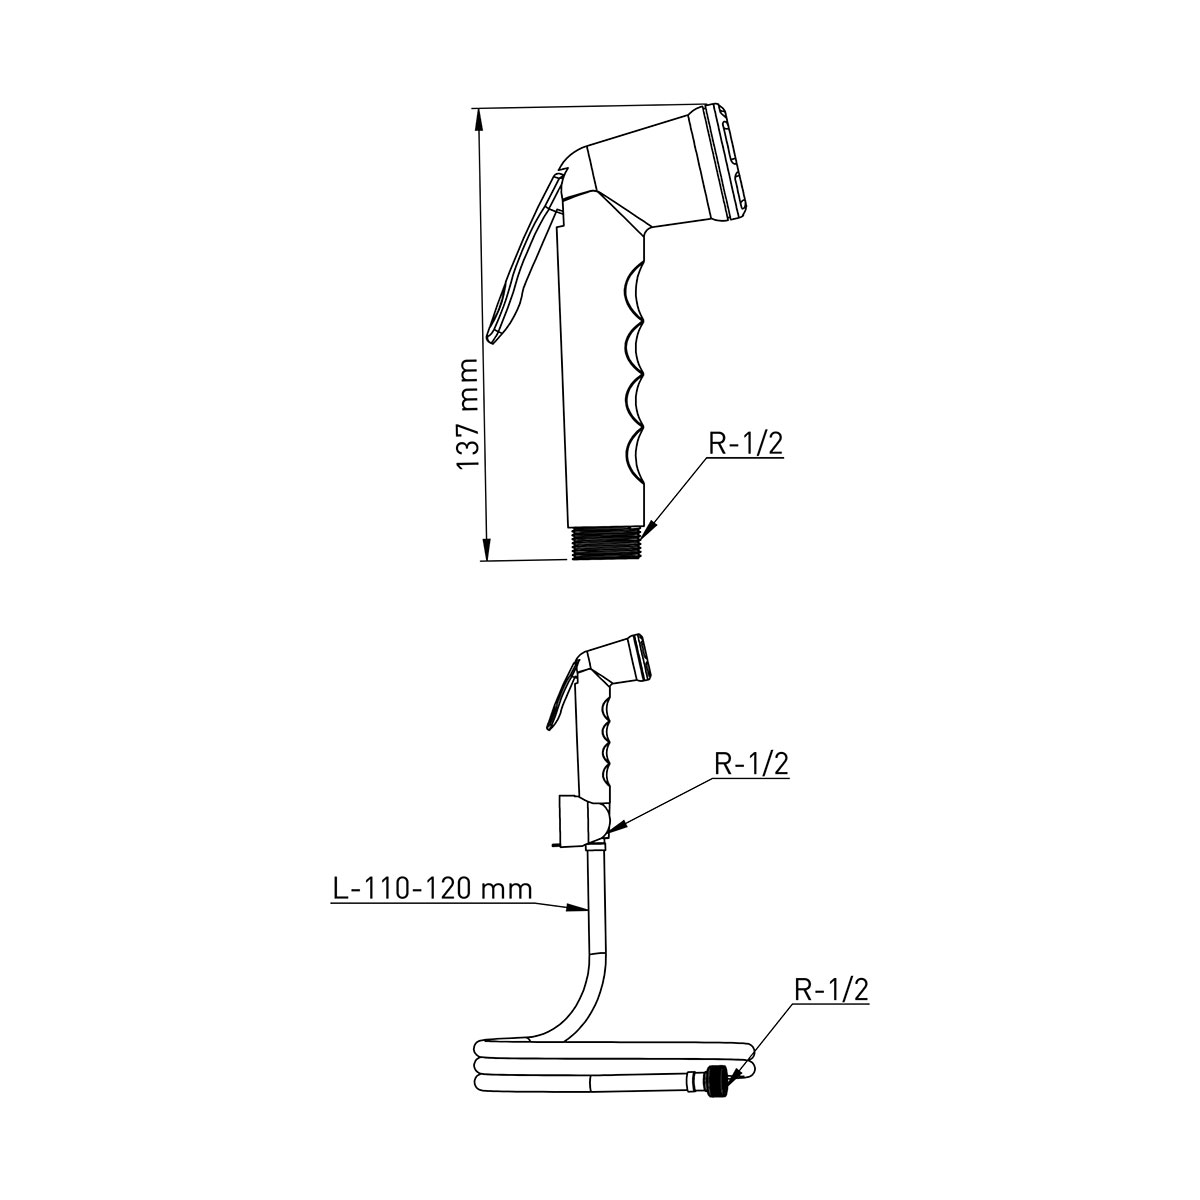 ABS Kalite  Komple Krom Taharetmatik, 120cm 360° Dönerli Paslanmaz Çelik Hortum